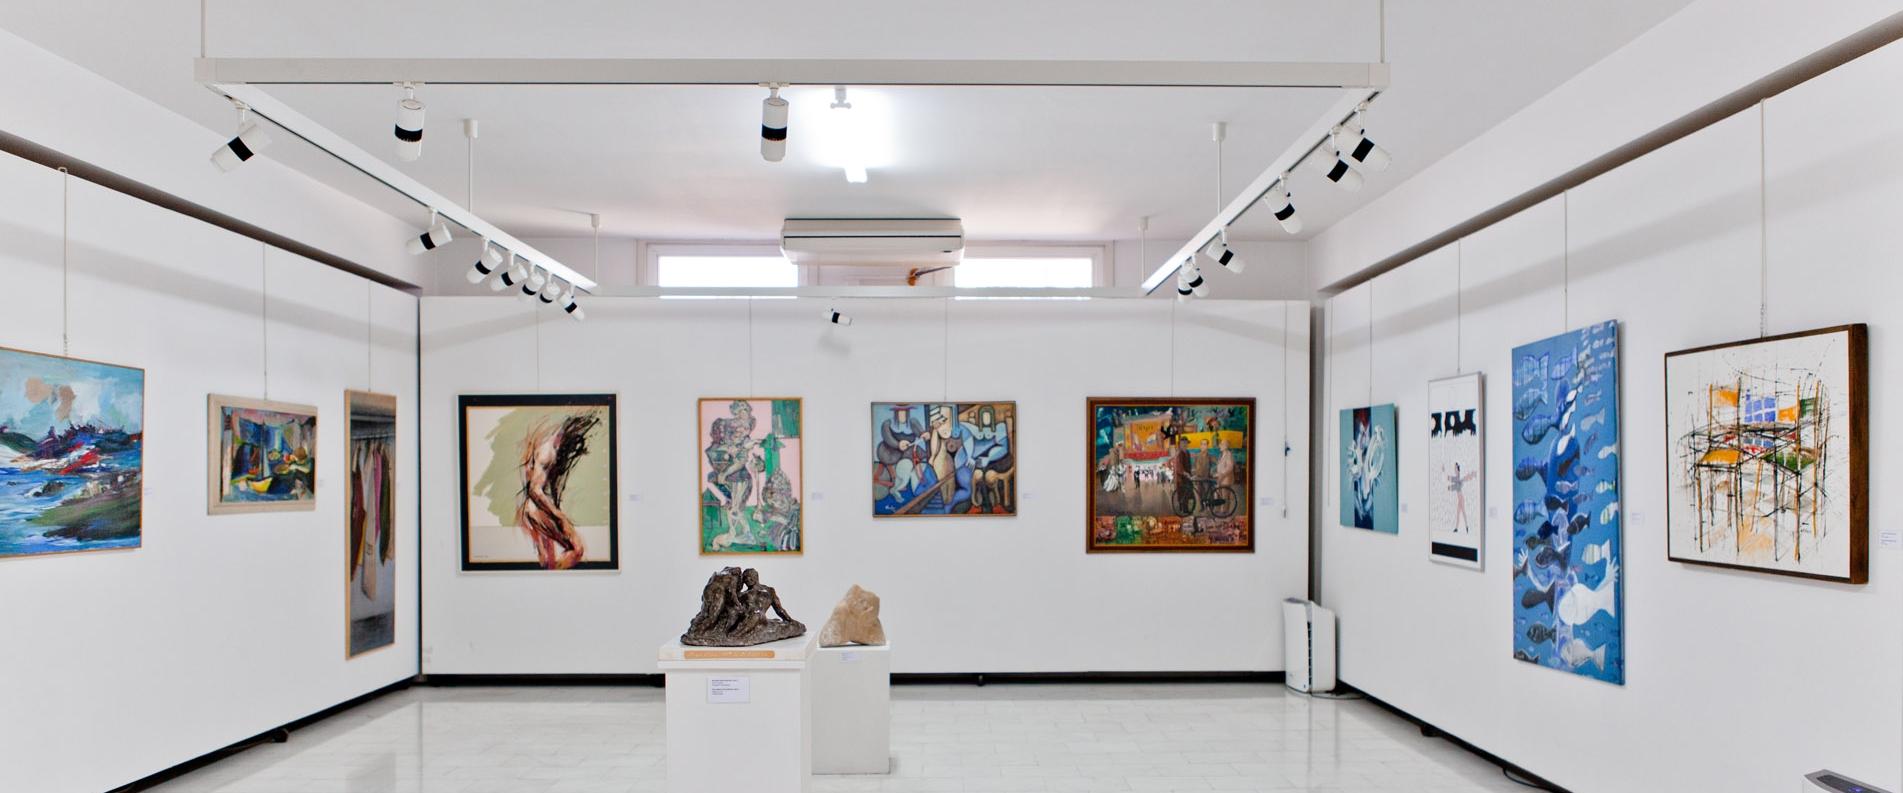 Музеи Лимассола: Муниципальная художественная Галерея